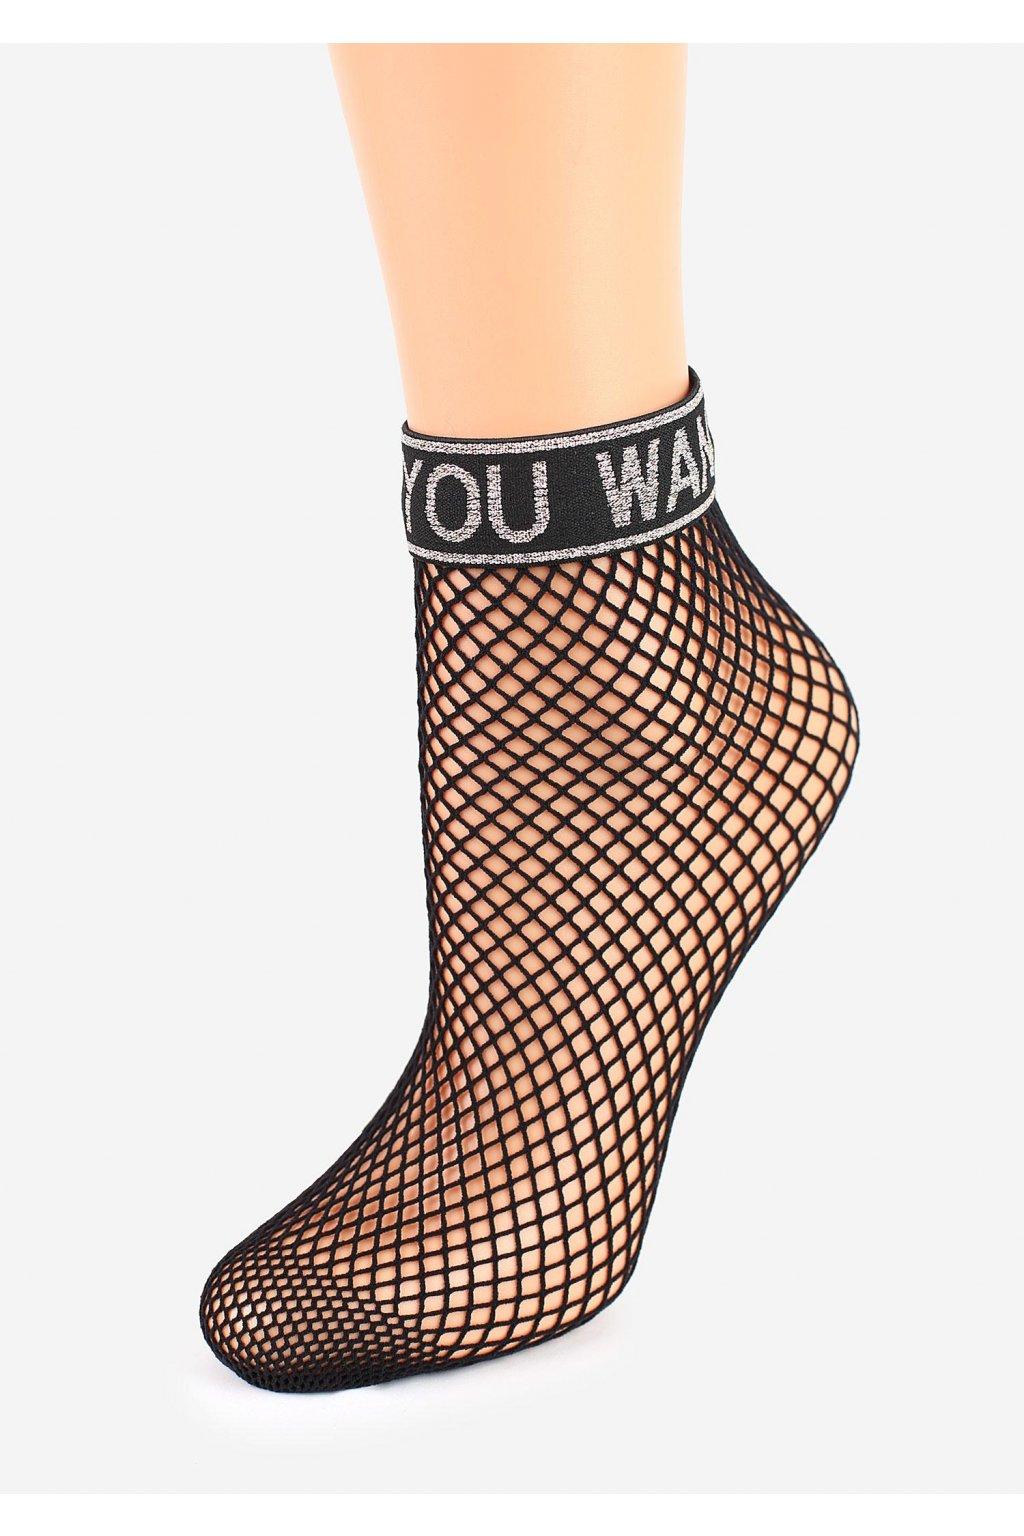 Dámské síťované ponožky - kabaretky CHARLY S54